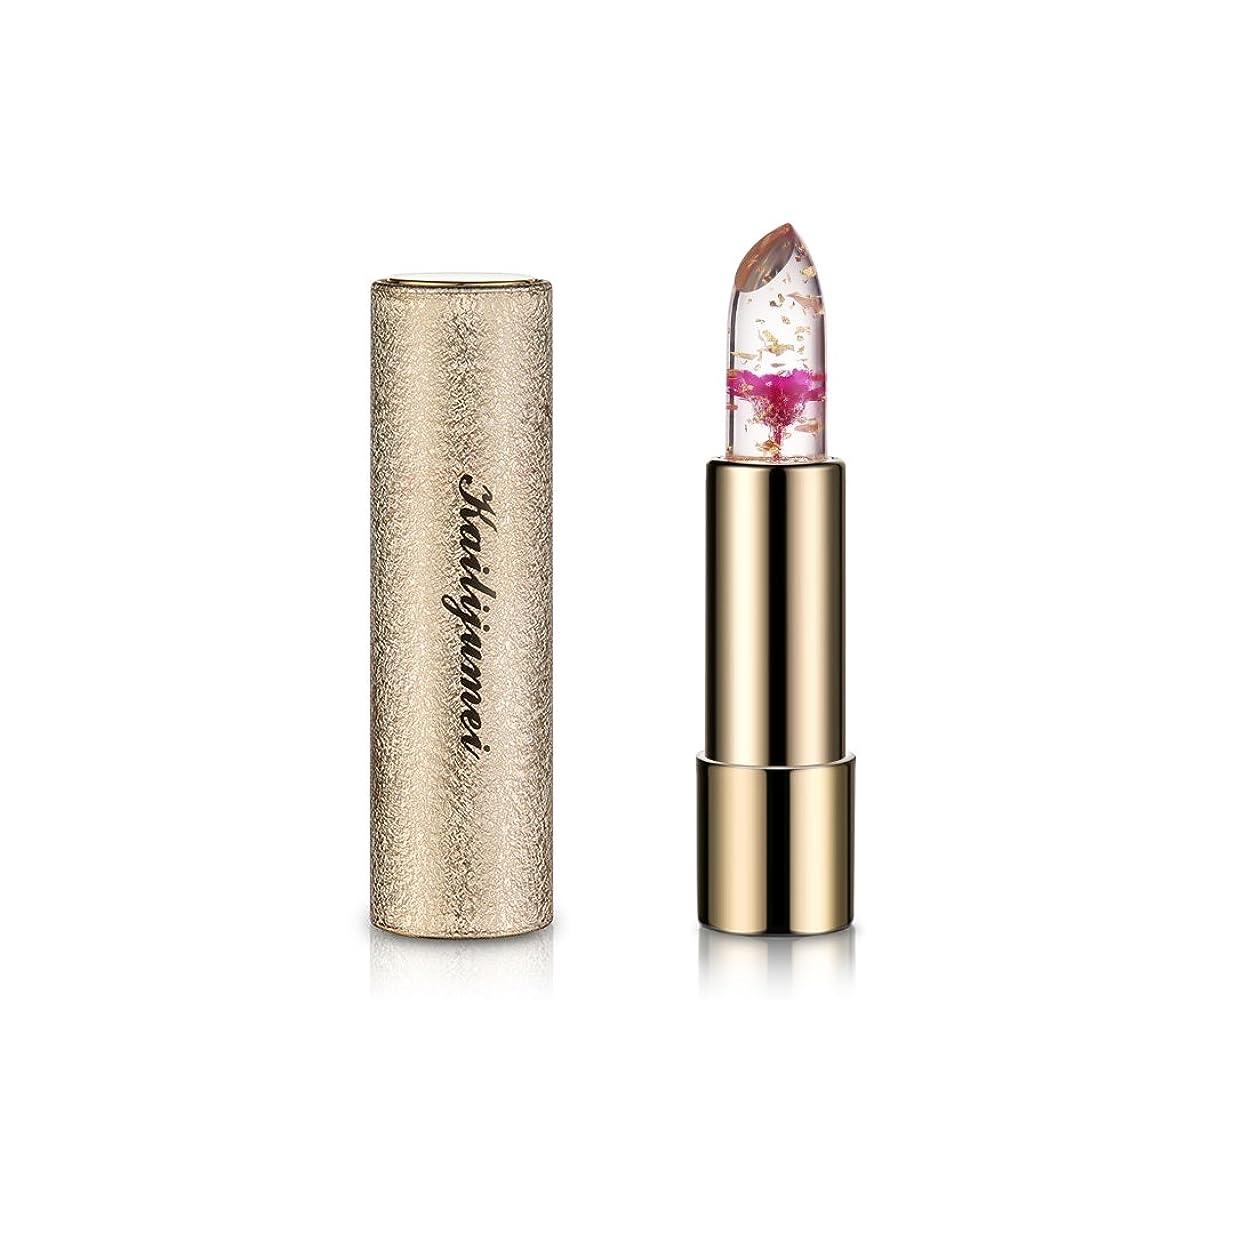 家事供給パリティ日本限定モデル 新作 kailijumei magic color lip 日本正規品 マジックカラー 唇の温度で色が変化するリップ 口紅 リップバーム カイリジュメイ ドライフラワー お花 (FLAME RED(レッド))